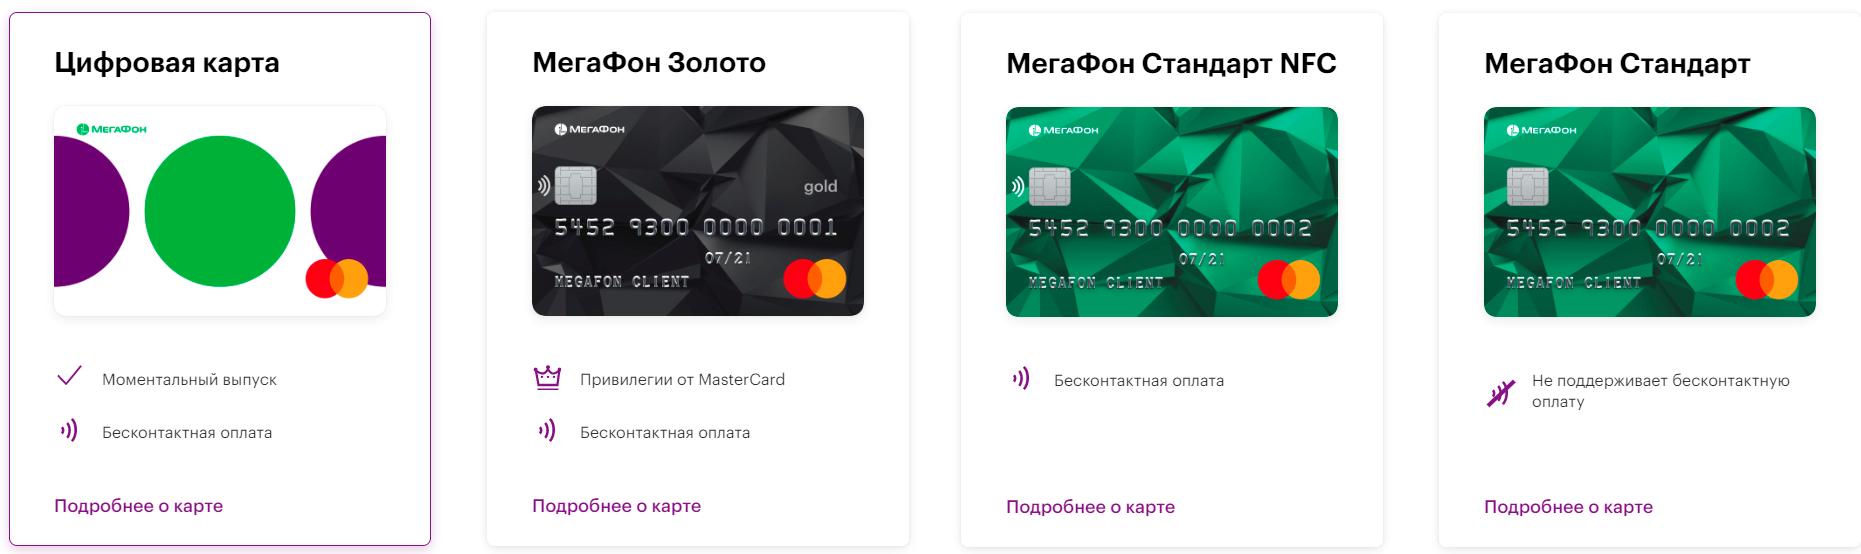 карта мегафон банковская онлайн